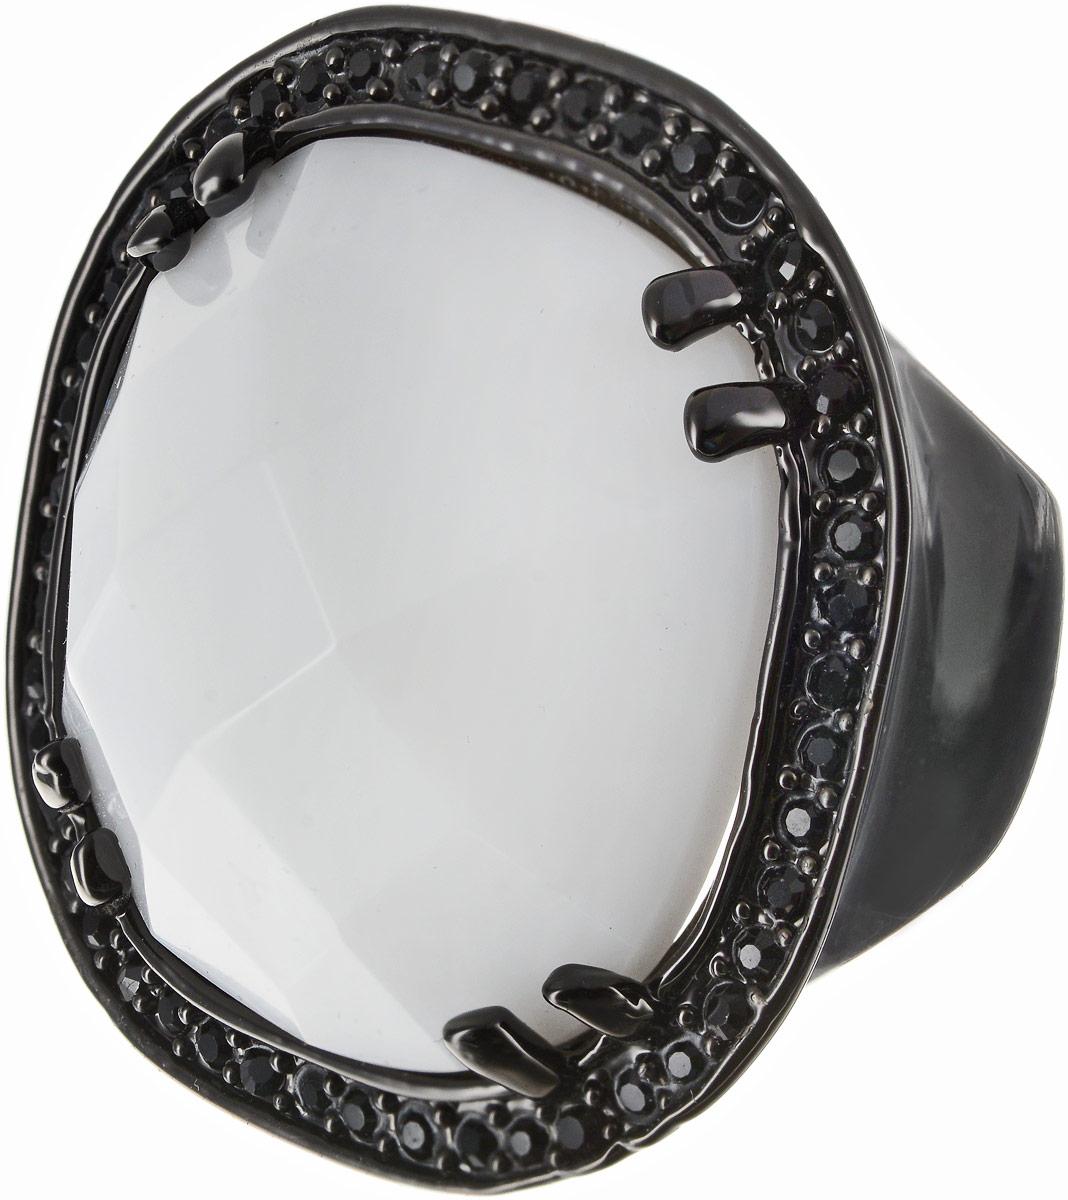 Кольцо Art-Silver, цвет: черный, белый. 360-1283. Размер 17,5360-1283Оригинальное кольцо Art-Silver выполнено из бижутерного сплава с гальваническим покрытием. Кольцо украшено декоративными вставками. Элегантное кольцо Art-Silver превосходно дополнит ваш образ и подчеркнет отменное чувство стиля своей обладательницы.